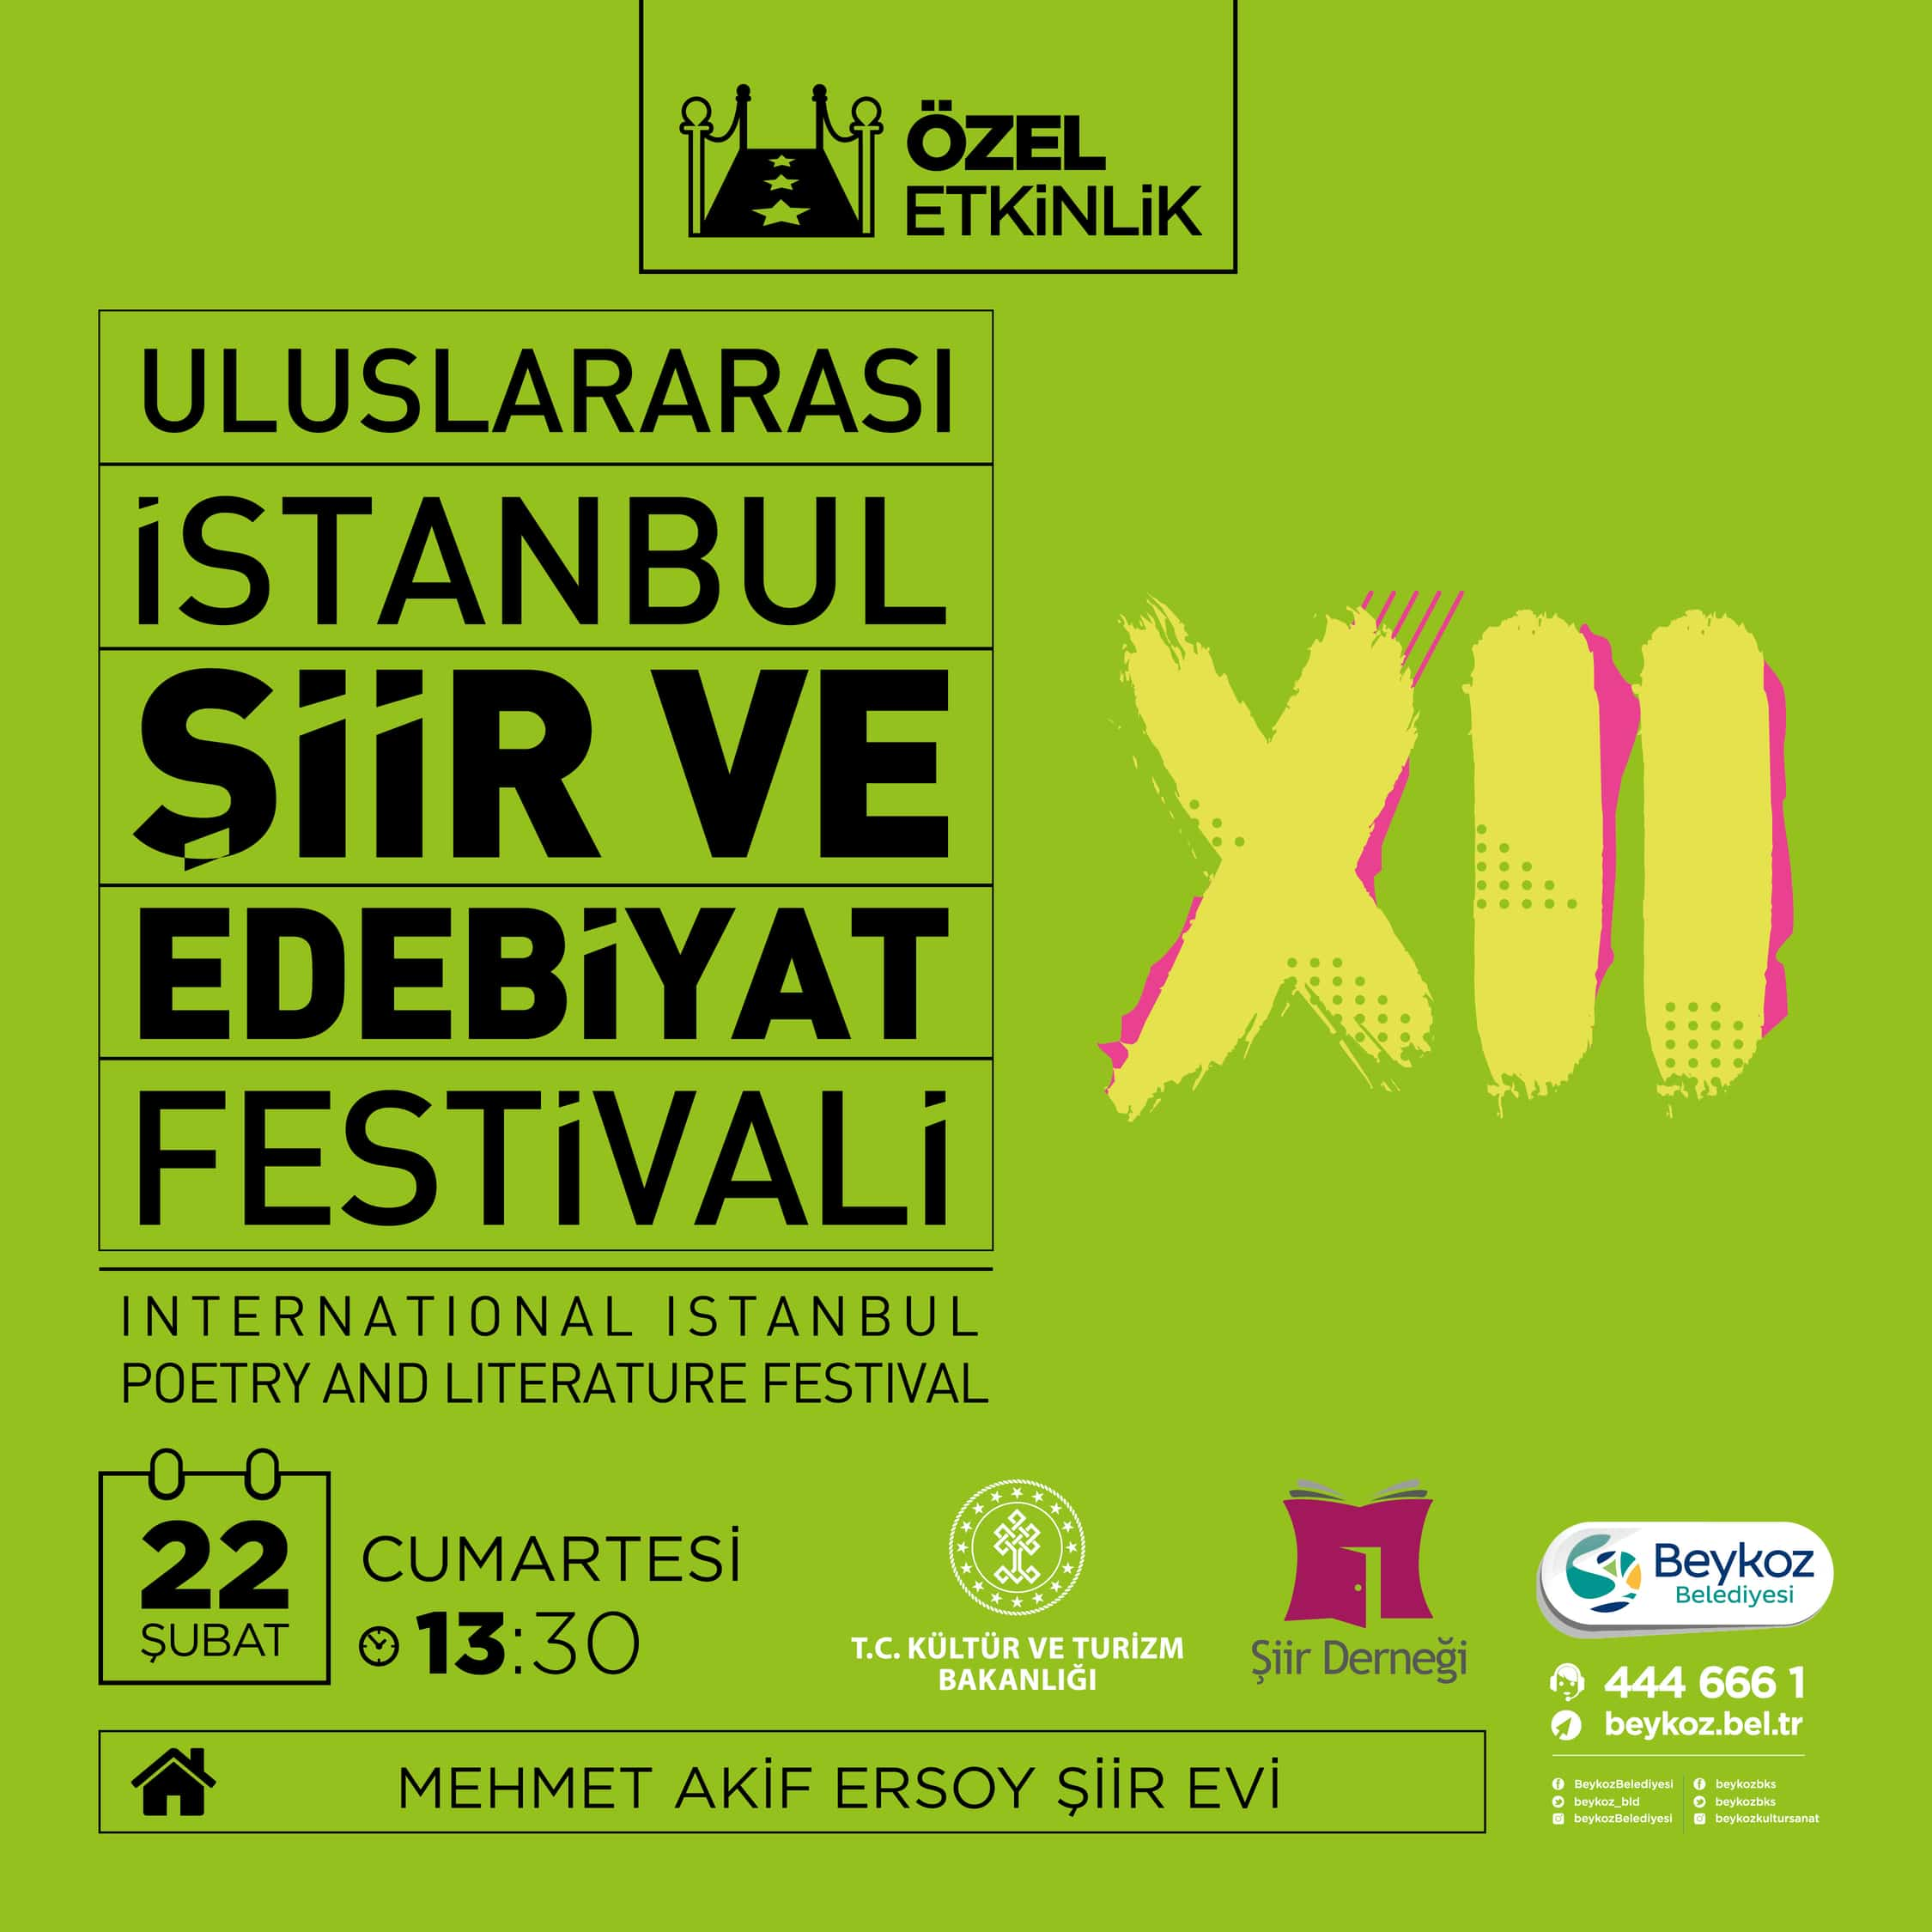 ULUSLARARASI İSTANBUL ŞİİR VE EDEBİYAT FESTİVALİ